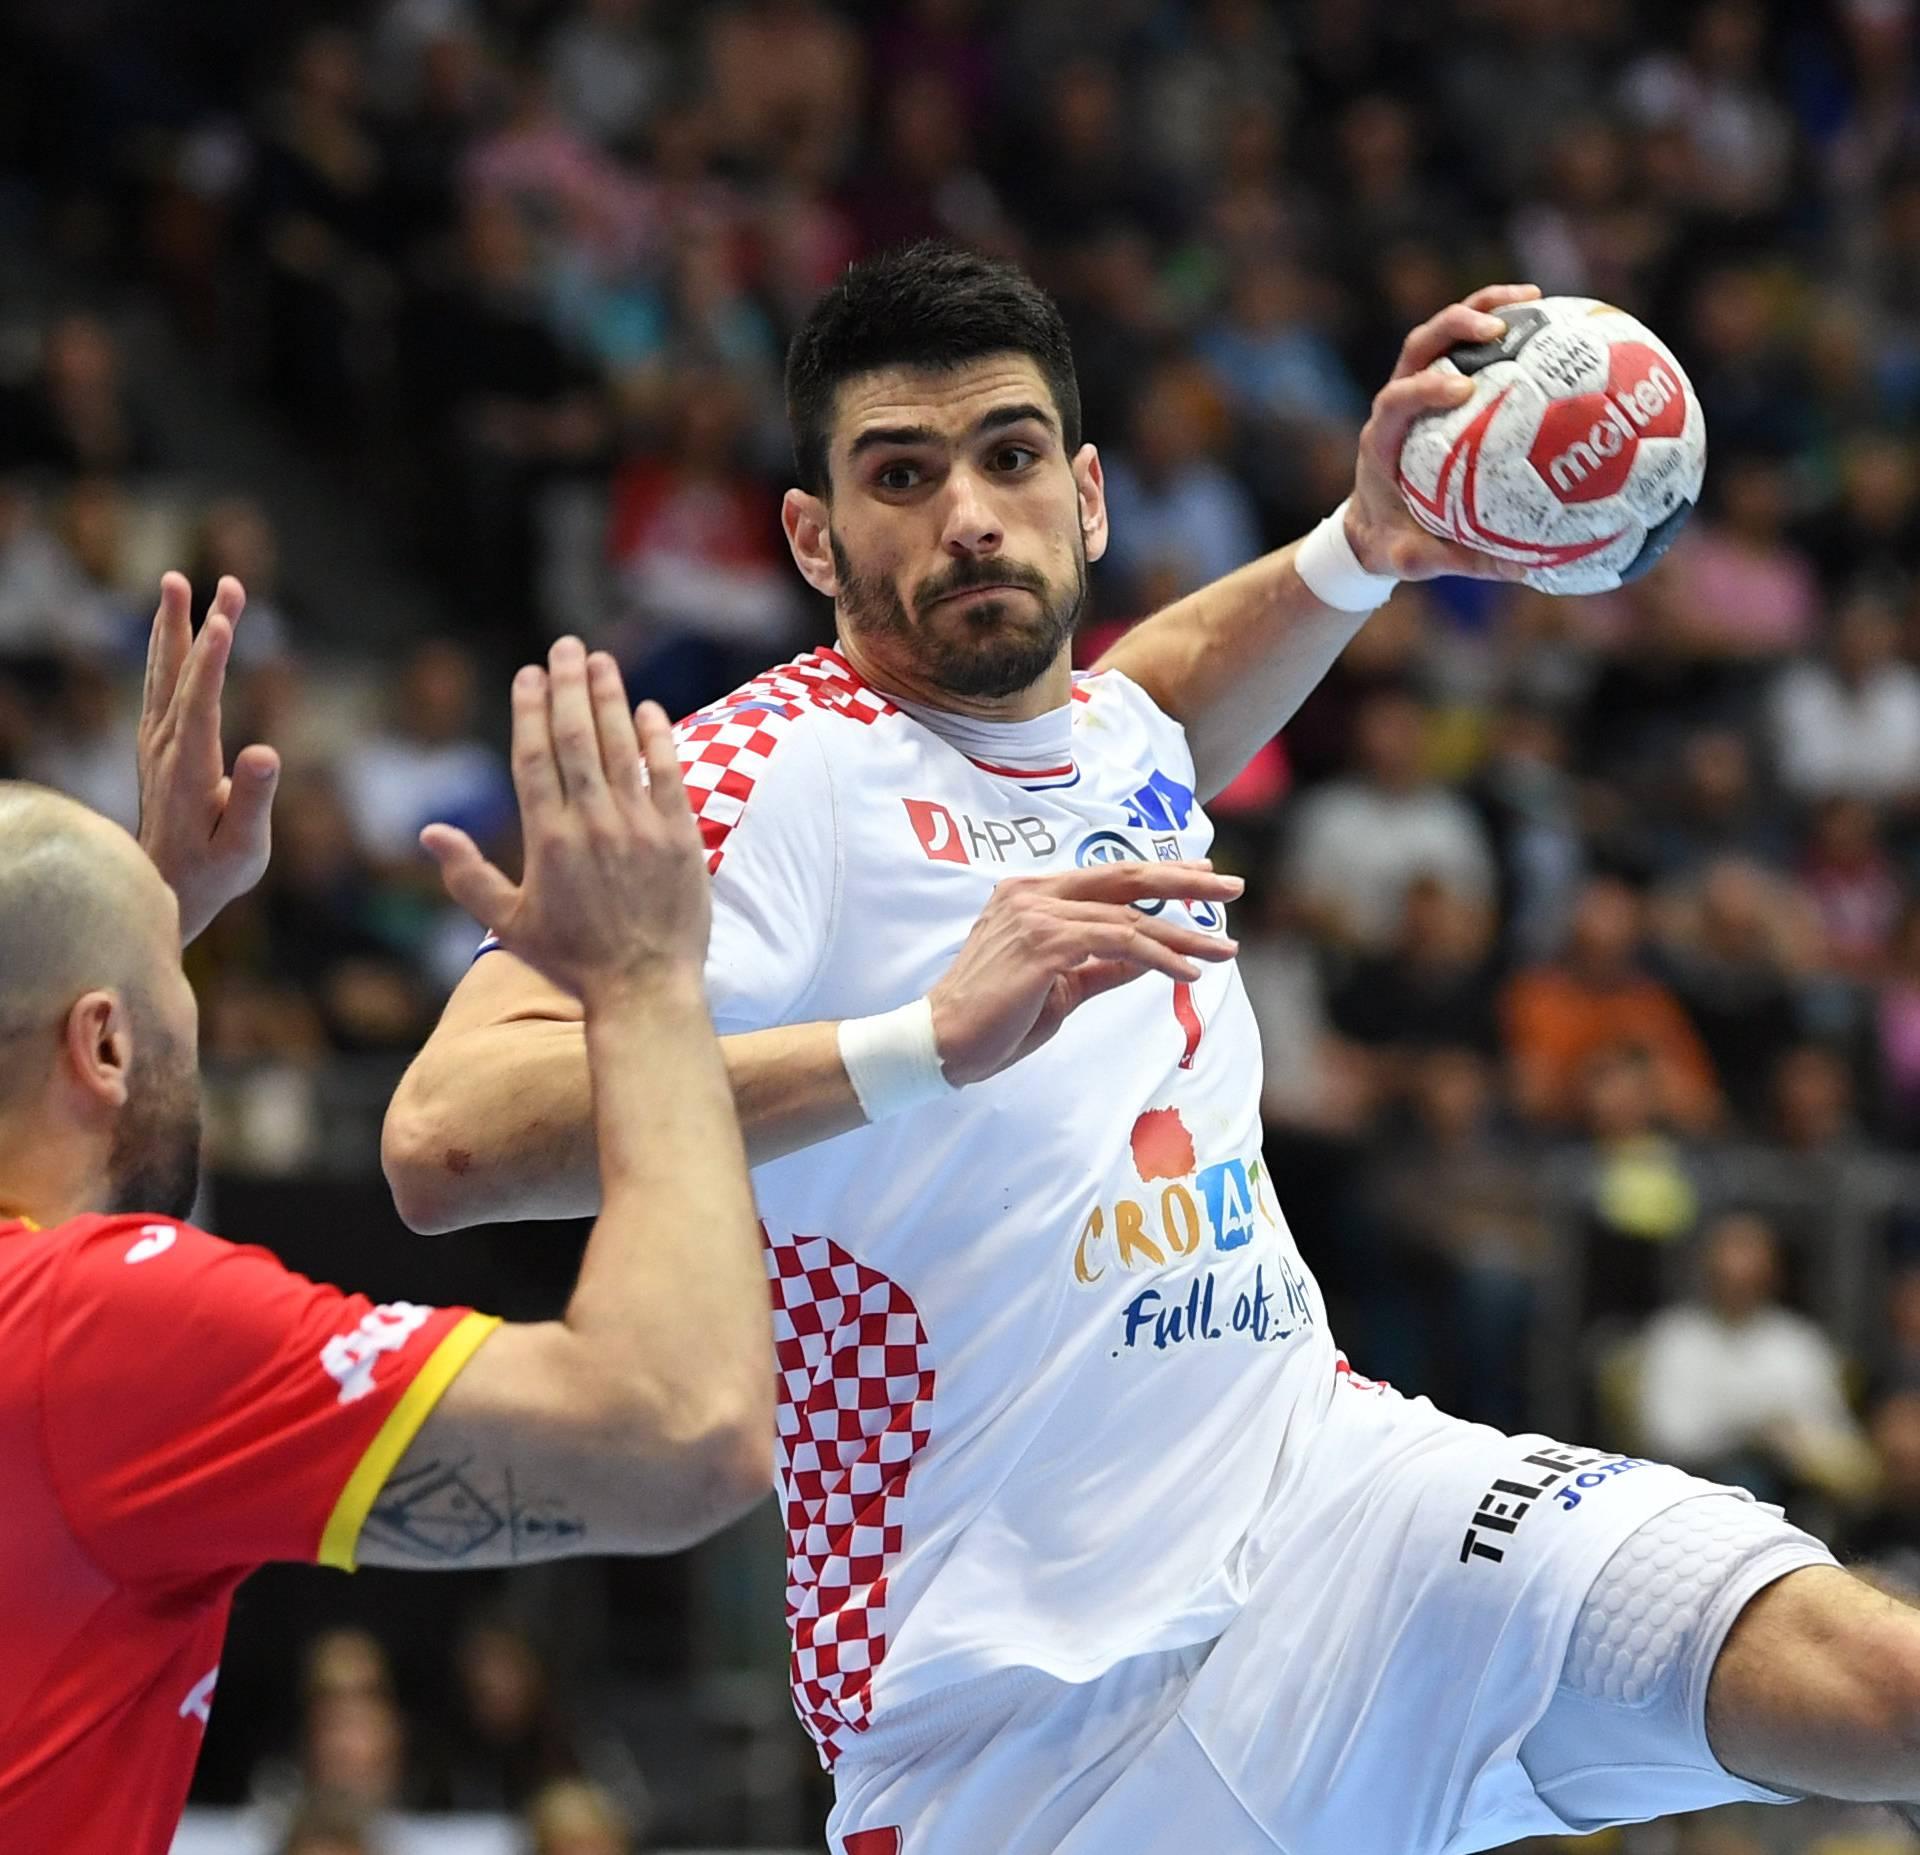 IHF Handball World Championship - Germany & Denmark 2019 - Group B - Spain v Croatia